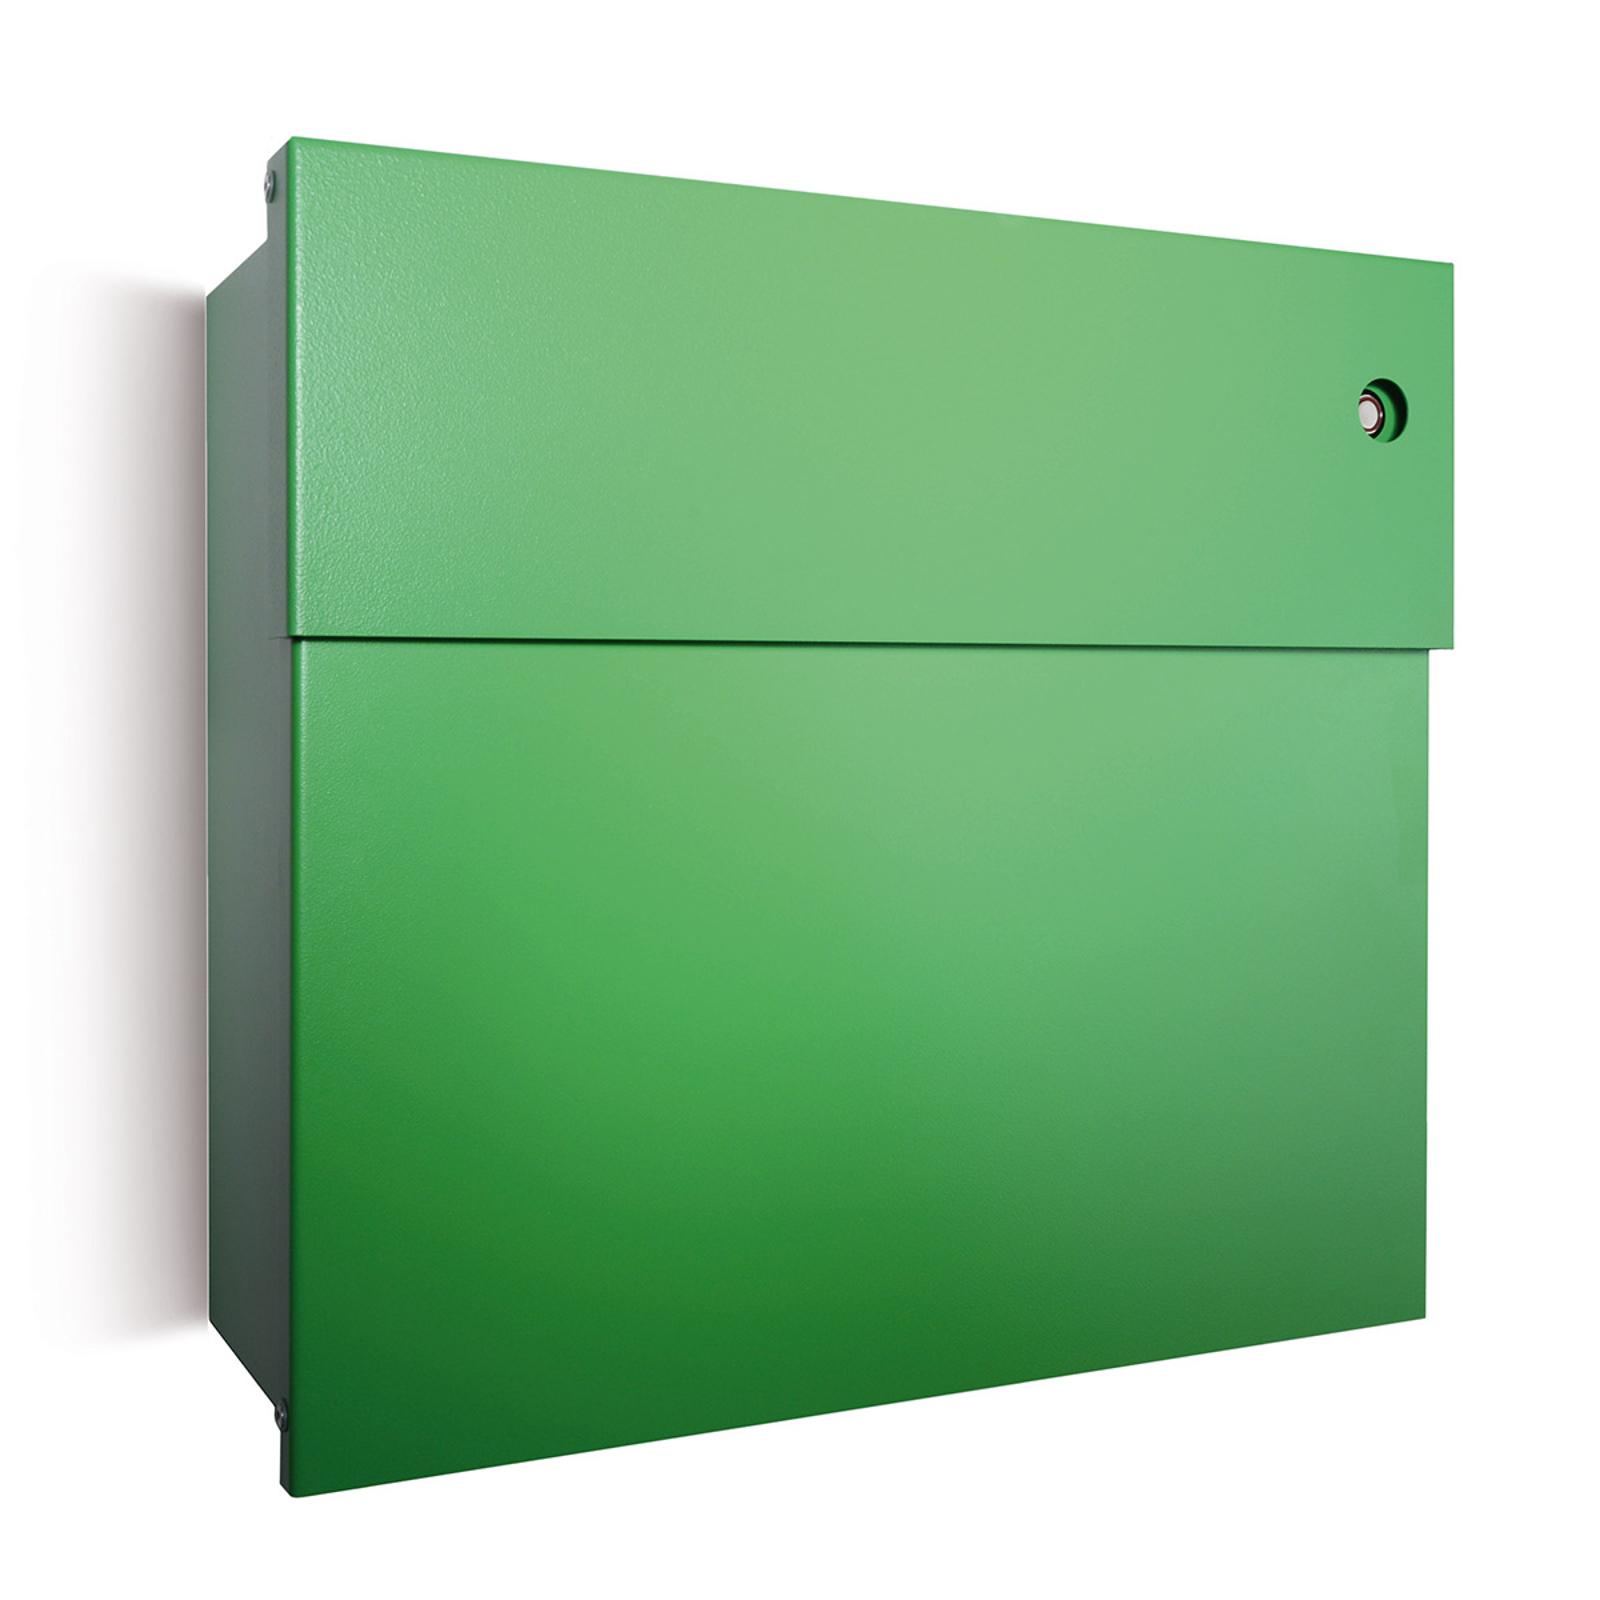 Briefkasten Letterman IV, rote Klingel, grün